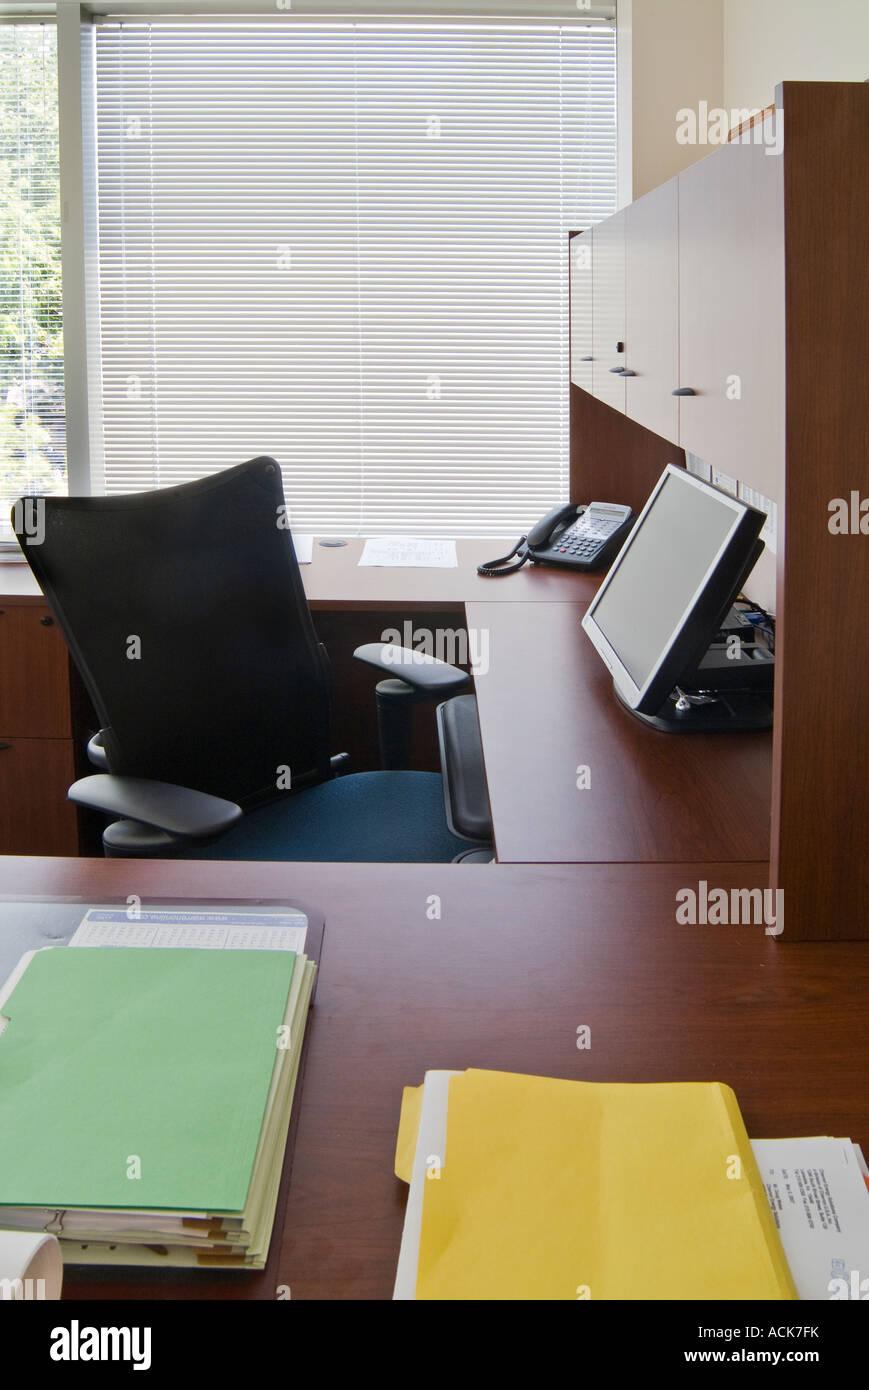 Bureau avec chaise de bureau pur Stores Fenêtre Moniteur Ordinateur à écran plat Téléphone Photo Stock